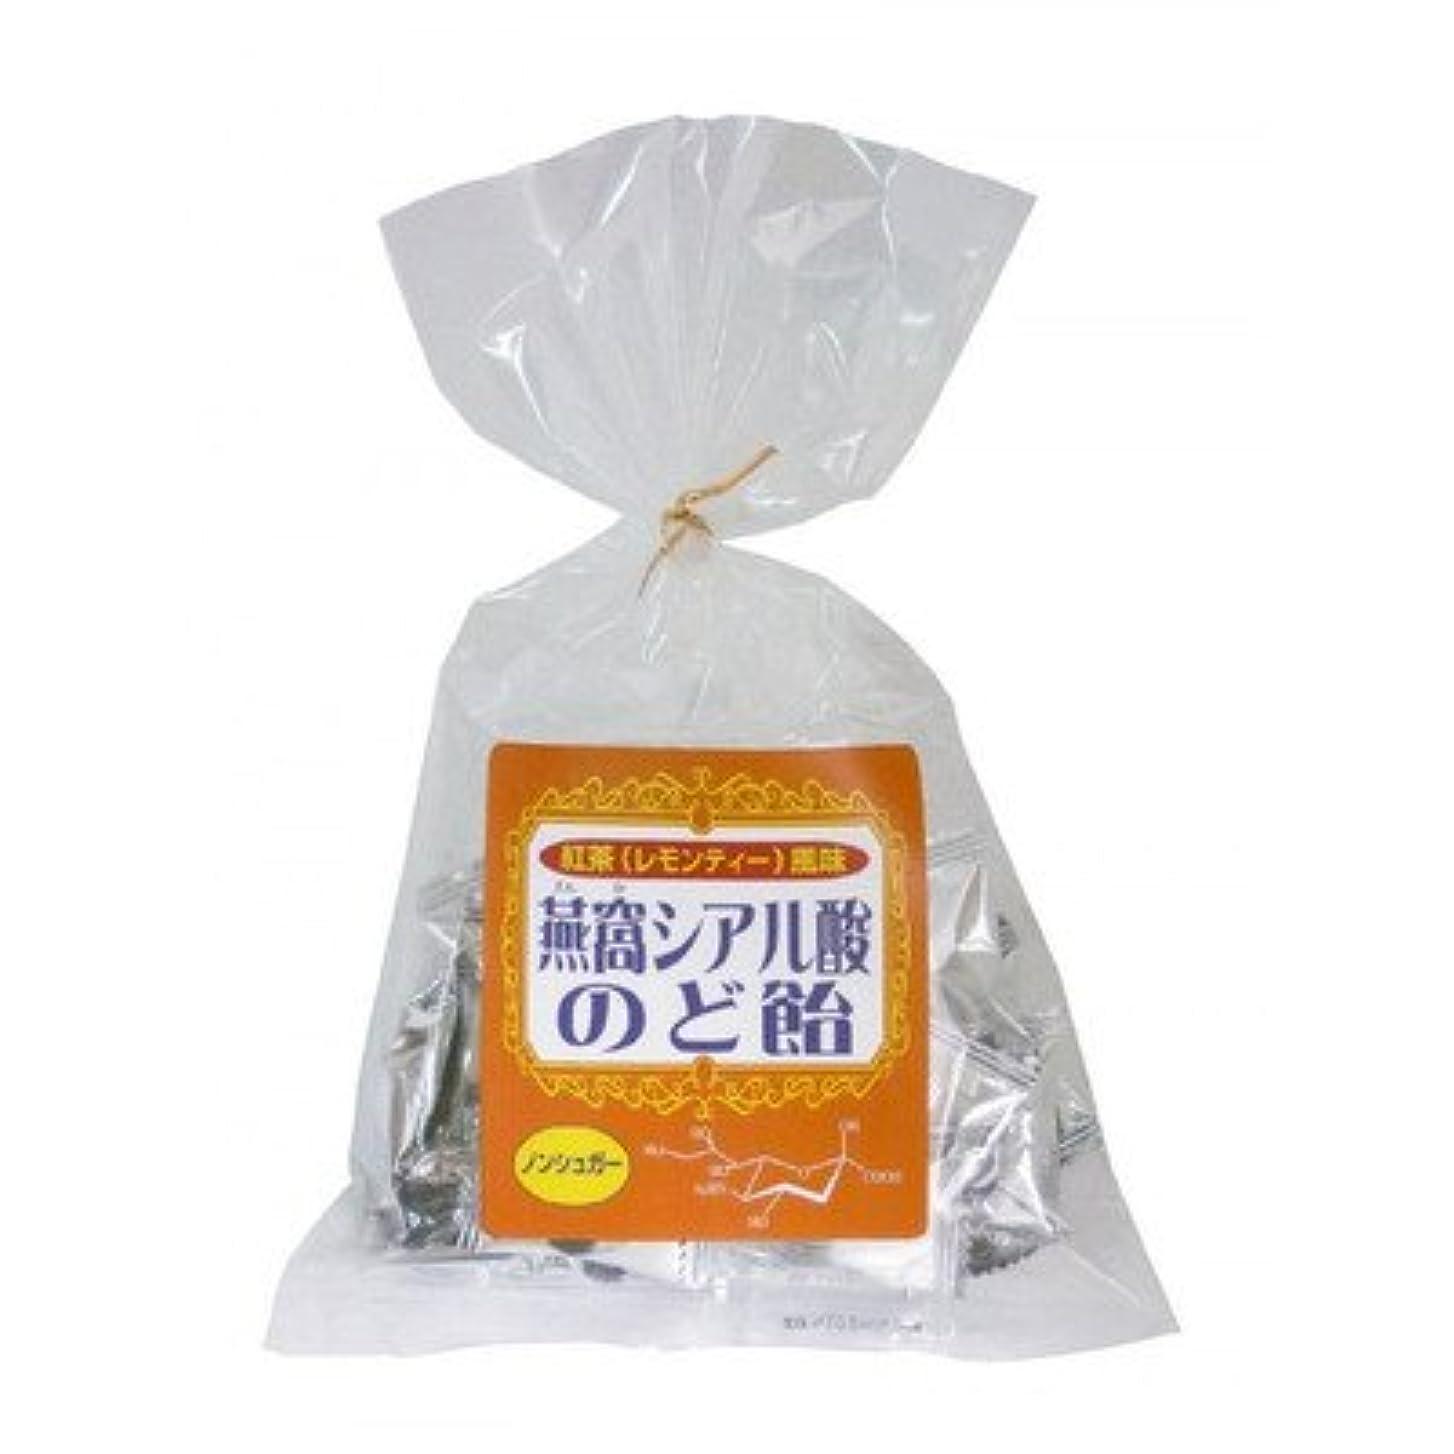 バッチ脚本家引退する燕窩シアル酸のど飴ノンシュガー 紅茶(レモンティー)風味 87g×3袋